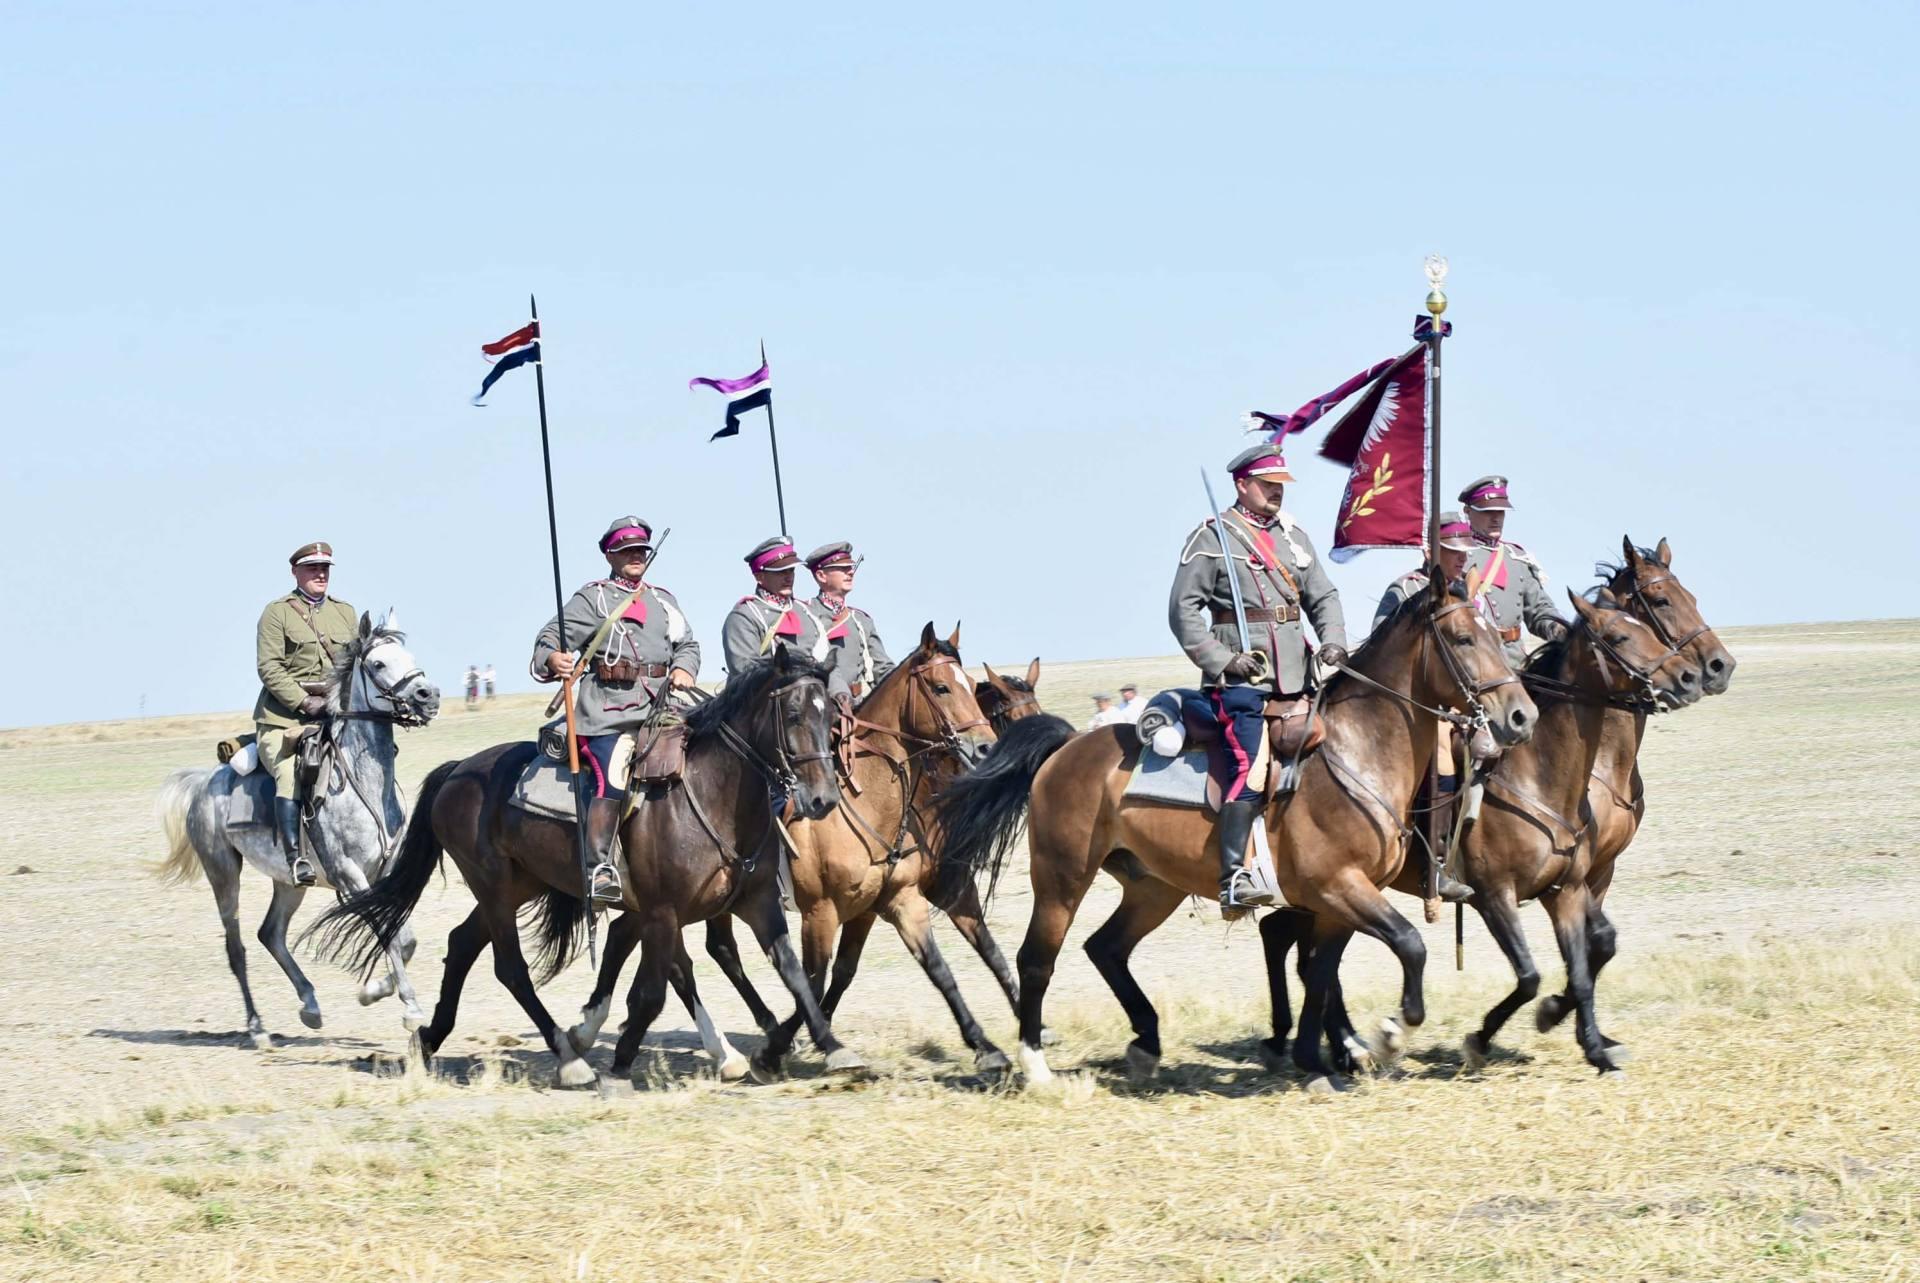 dsc 0640 Czas szabli - 100 rocznica bitwy pod Komarowem(zdjęcia)